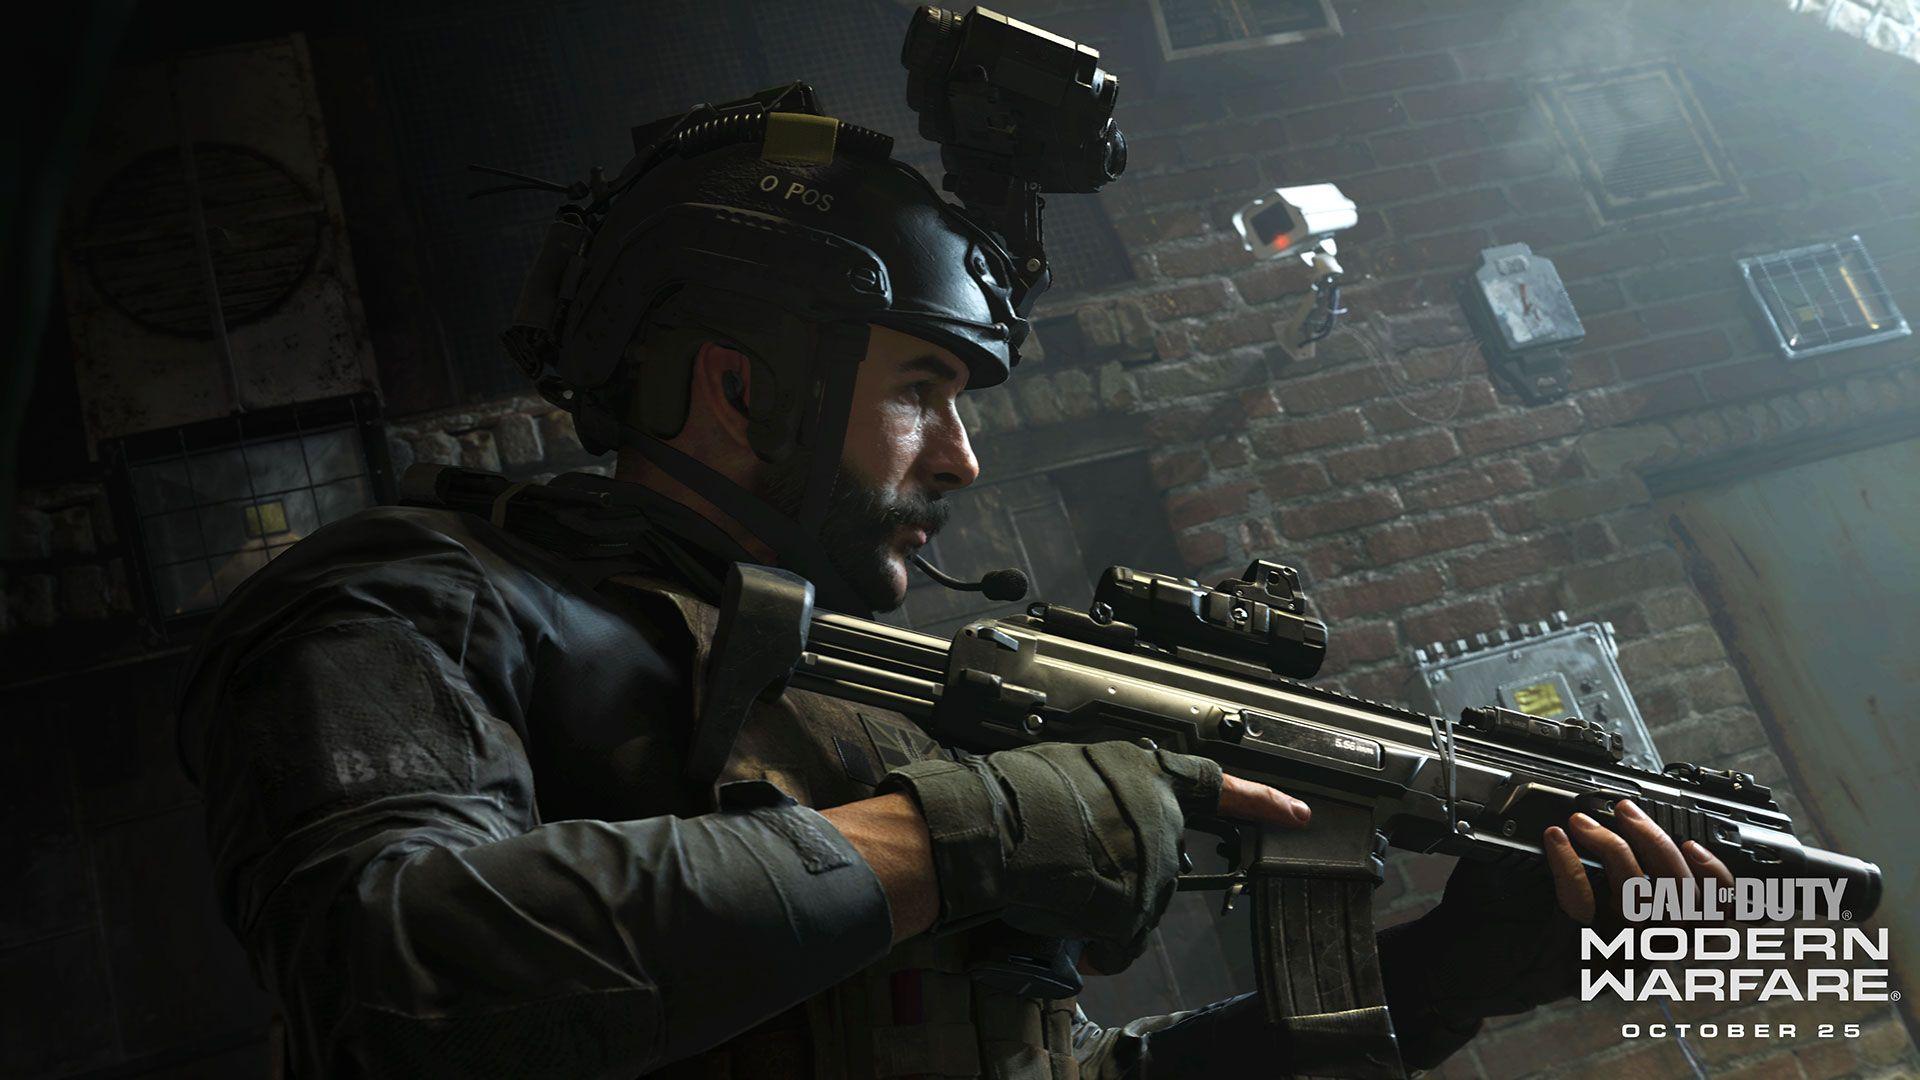 دو تصویر جدید از بخش چندنفرهی Call of Duty: Modern Warfare منتشر شد